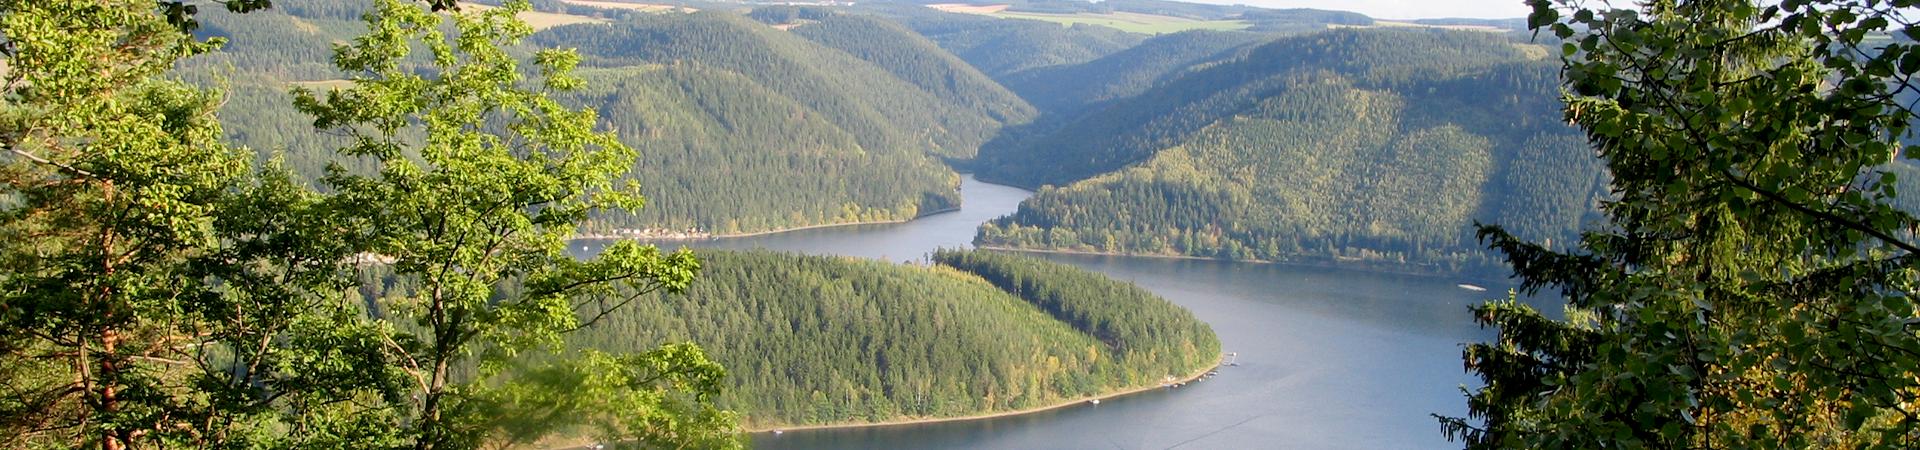 Blick auf Hohenwarte Stausee